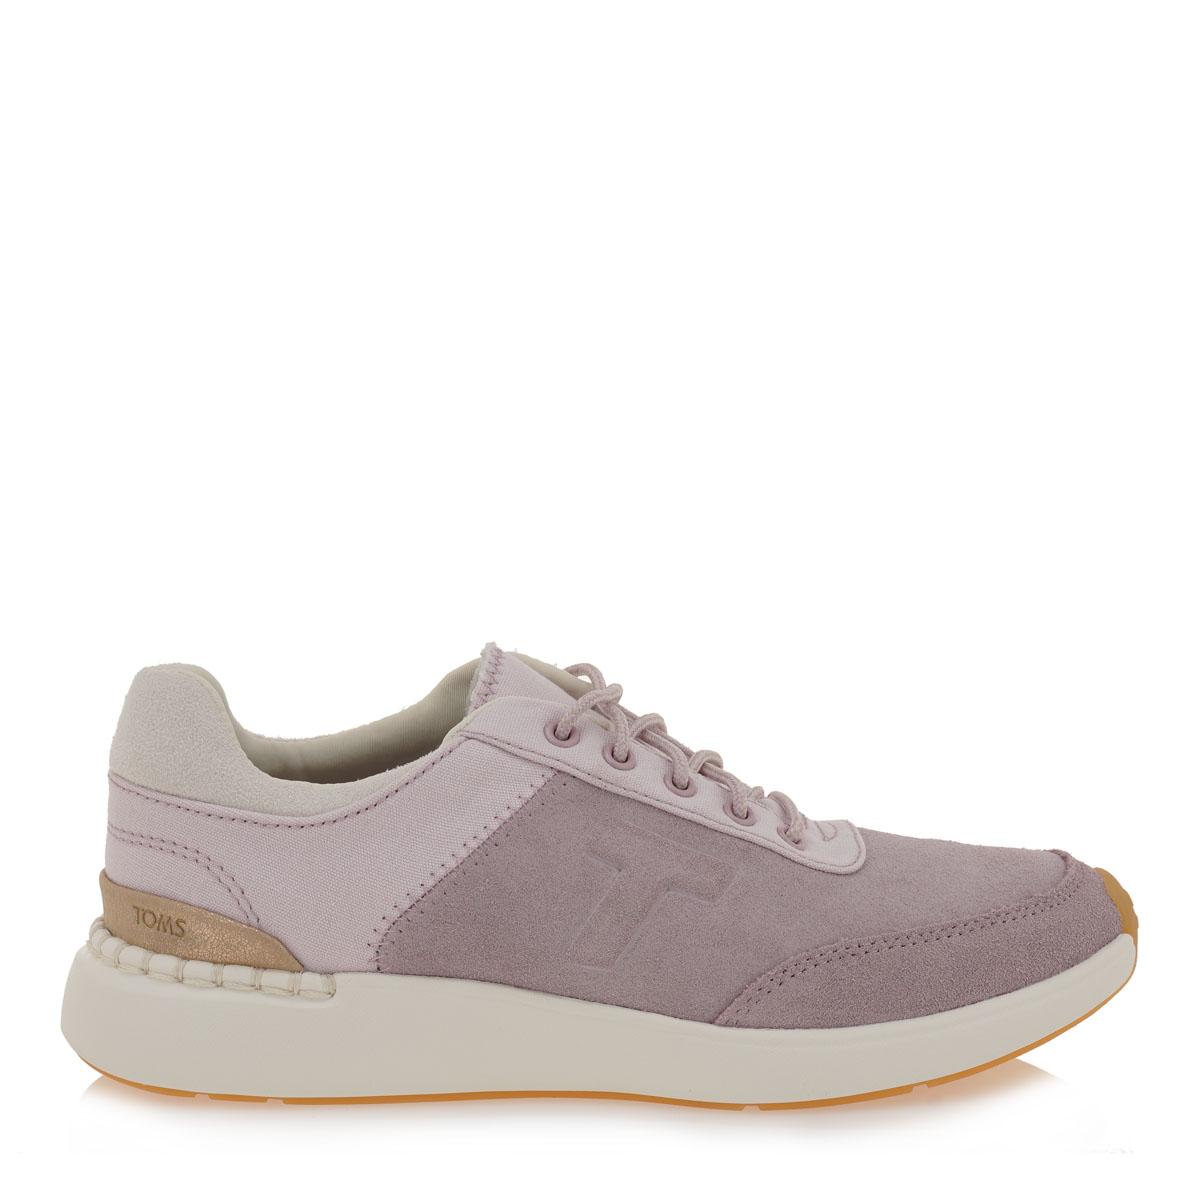 8b3f5f782e0 Γυναικεία Παπούτσια, Γυναικεία Αθλητικά